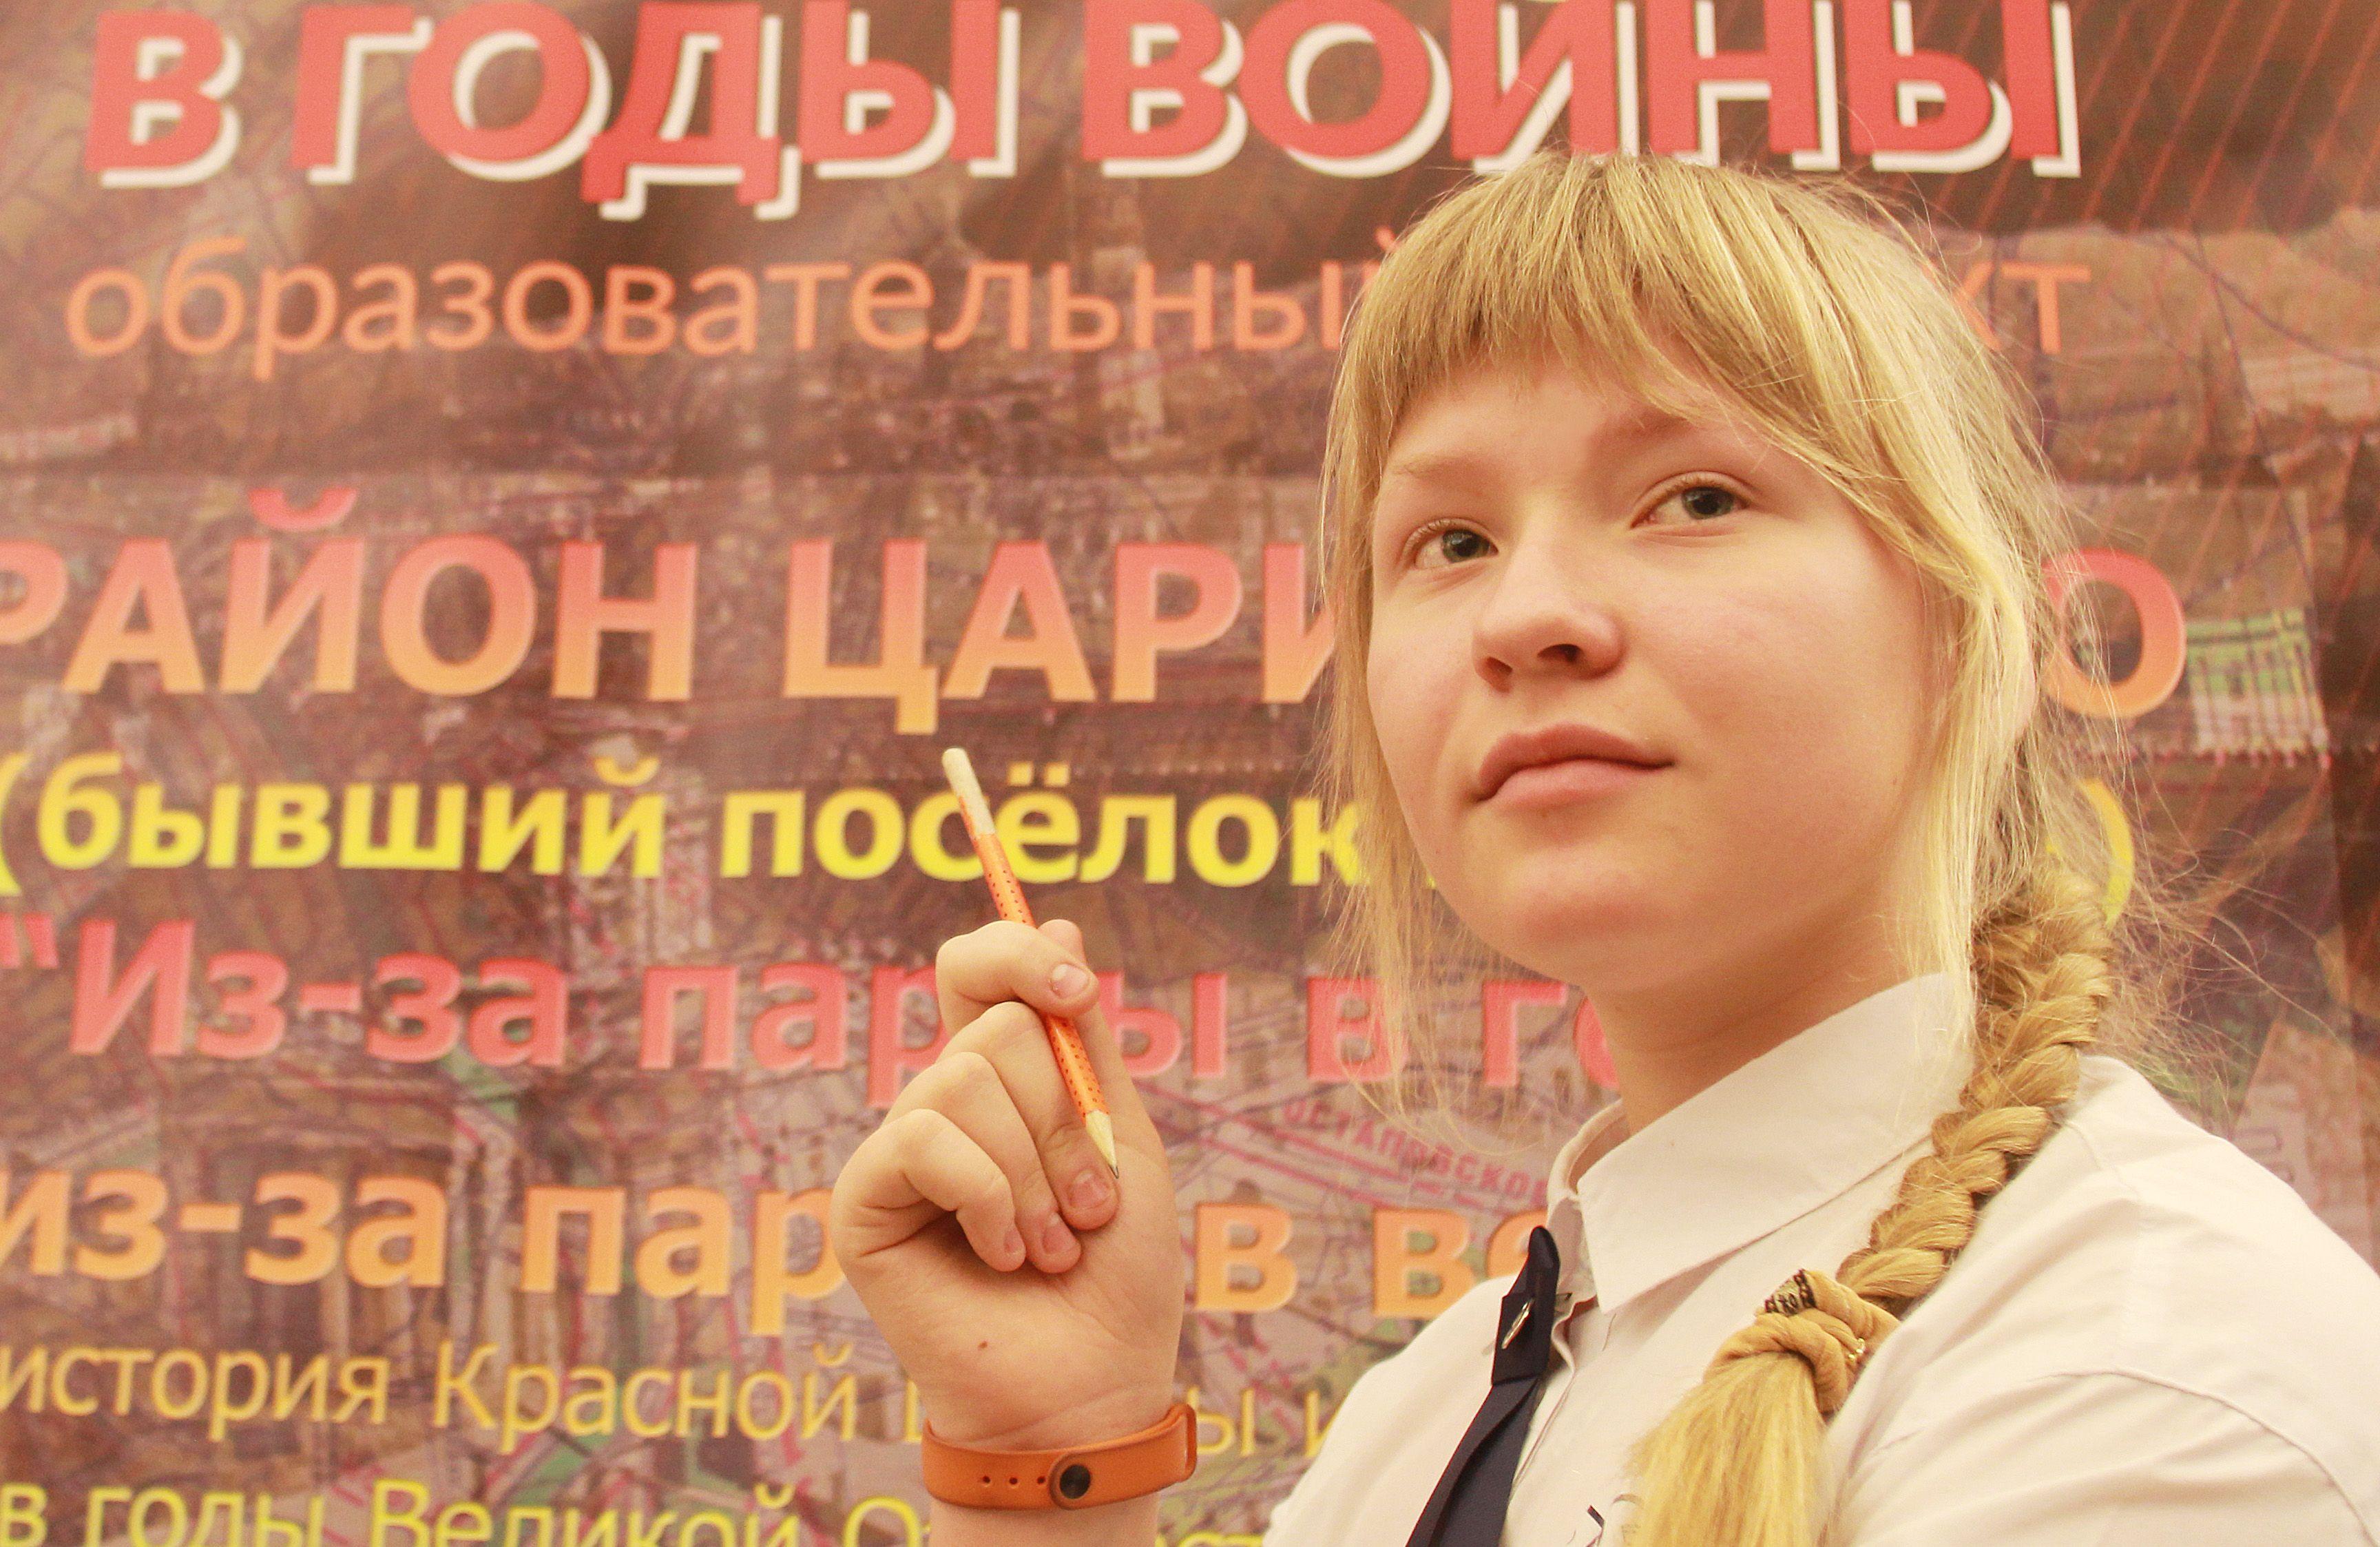 Пять московских музеев представят программу в честь 75-летия Победы